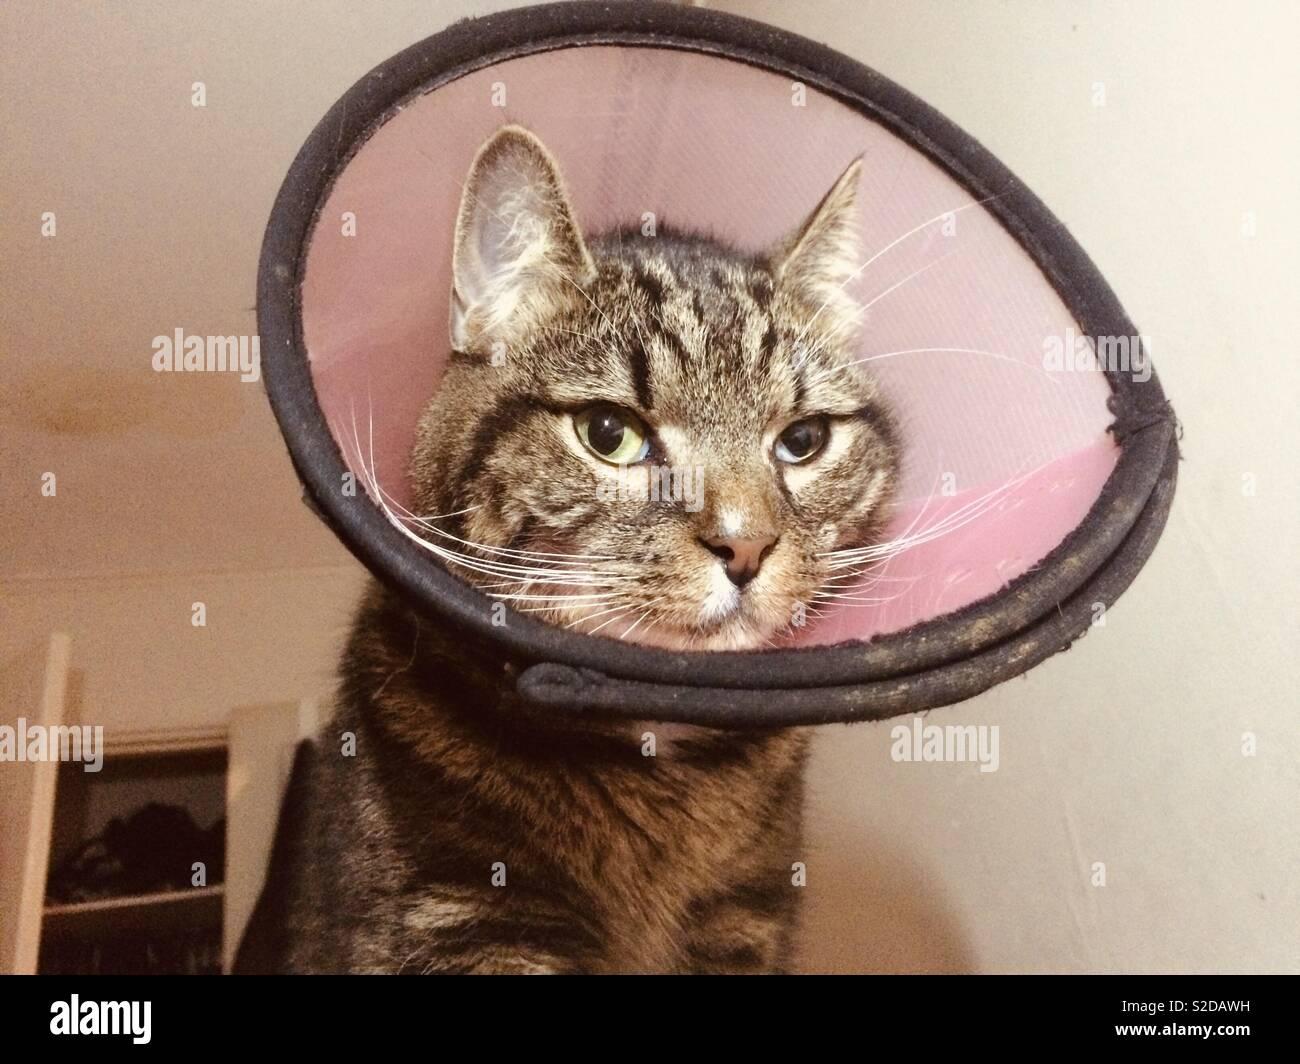 grumpy-cat-in-cone-of-shame-S2DAWH.jpg